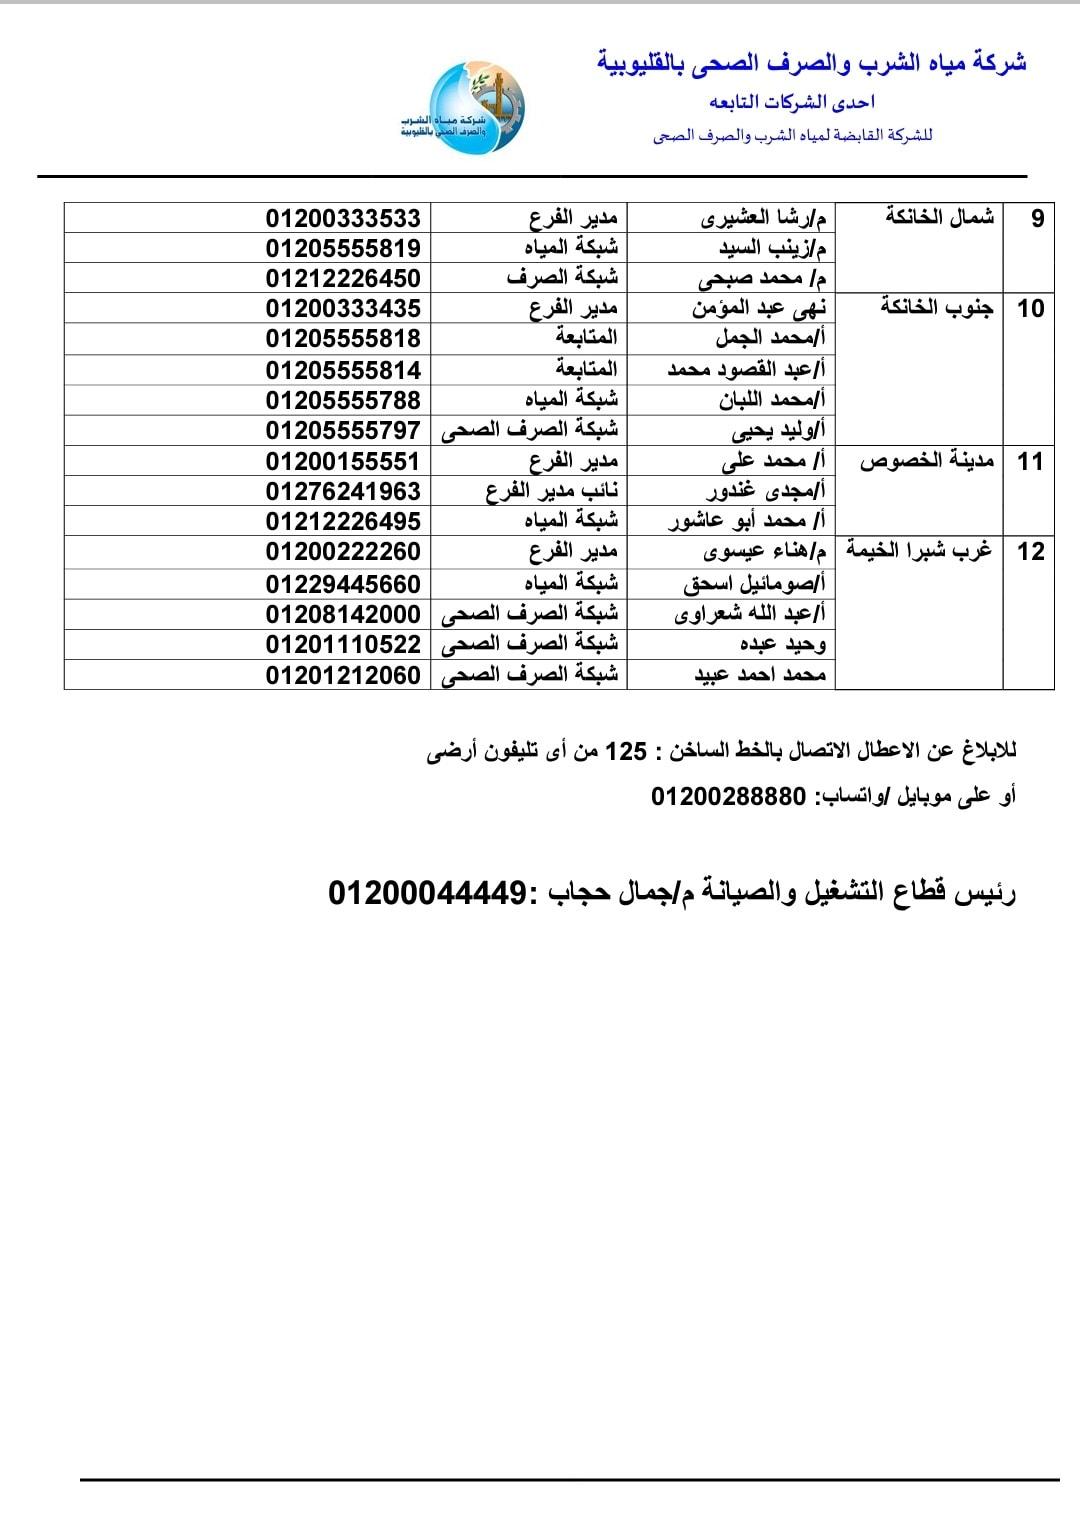 المصحف معوجة طاولة نهاية هاتف طوارئ الكهرباء الكويت Comertinsaat Com